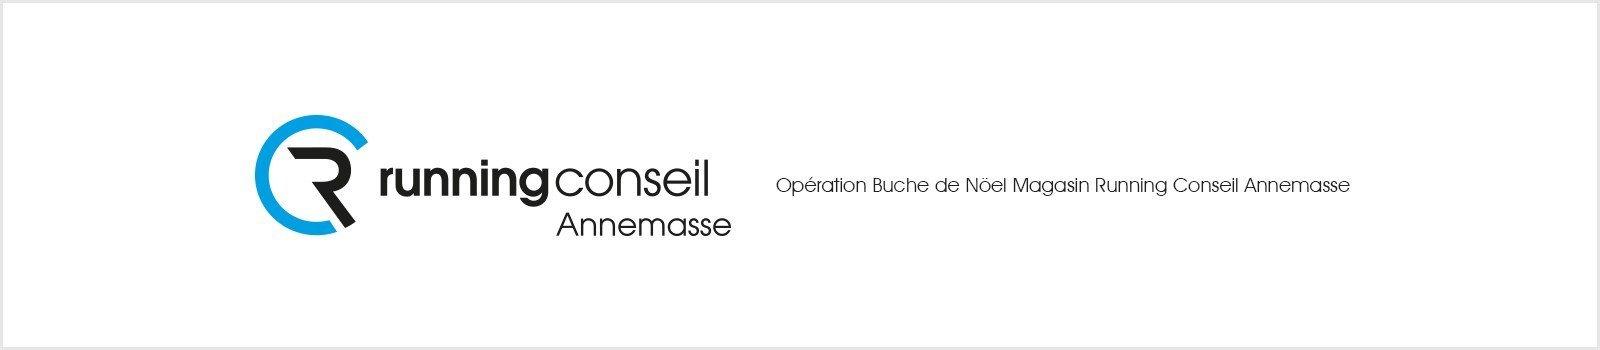 Opération Buche de Nöel Magasin Running Conseil Annemasse